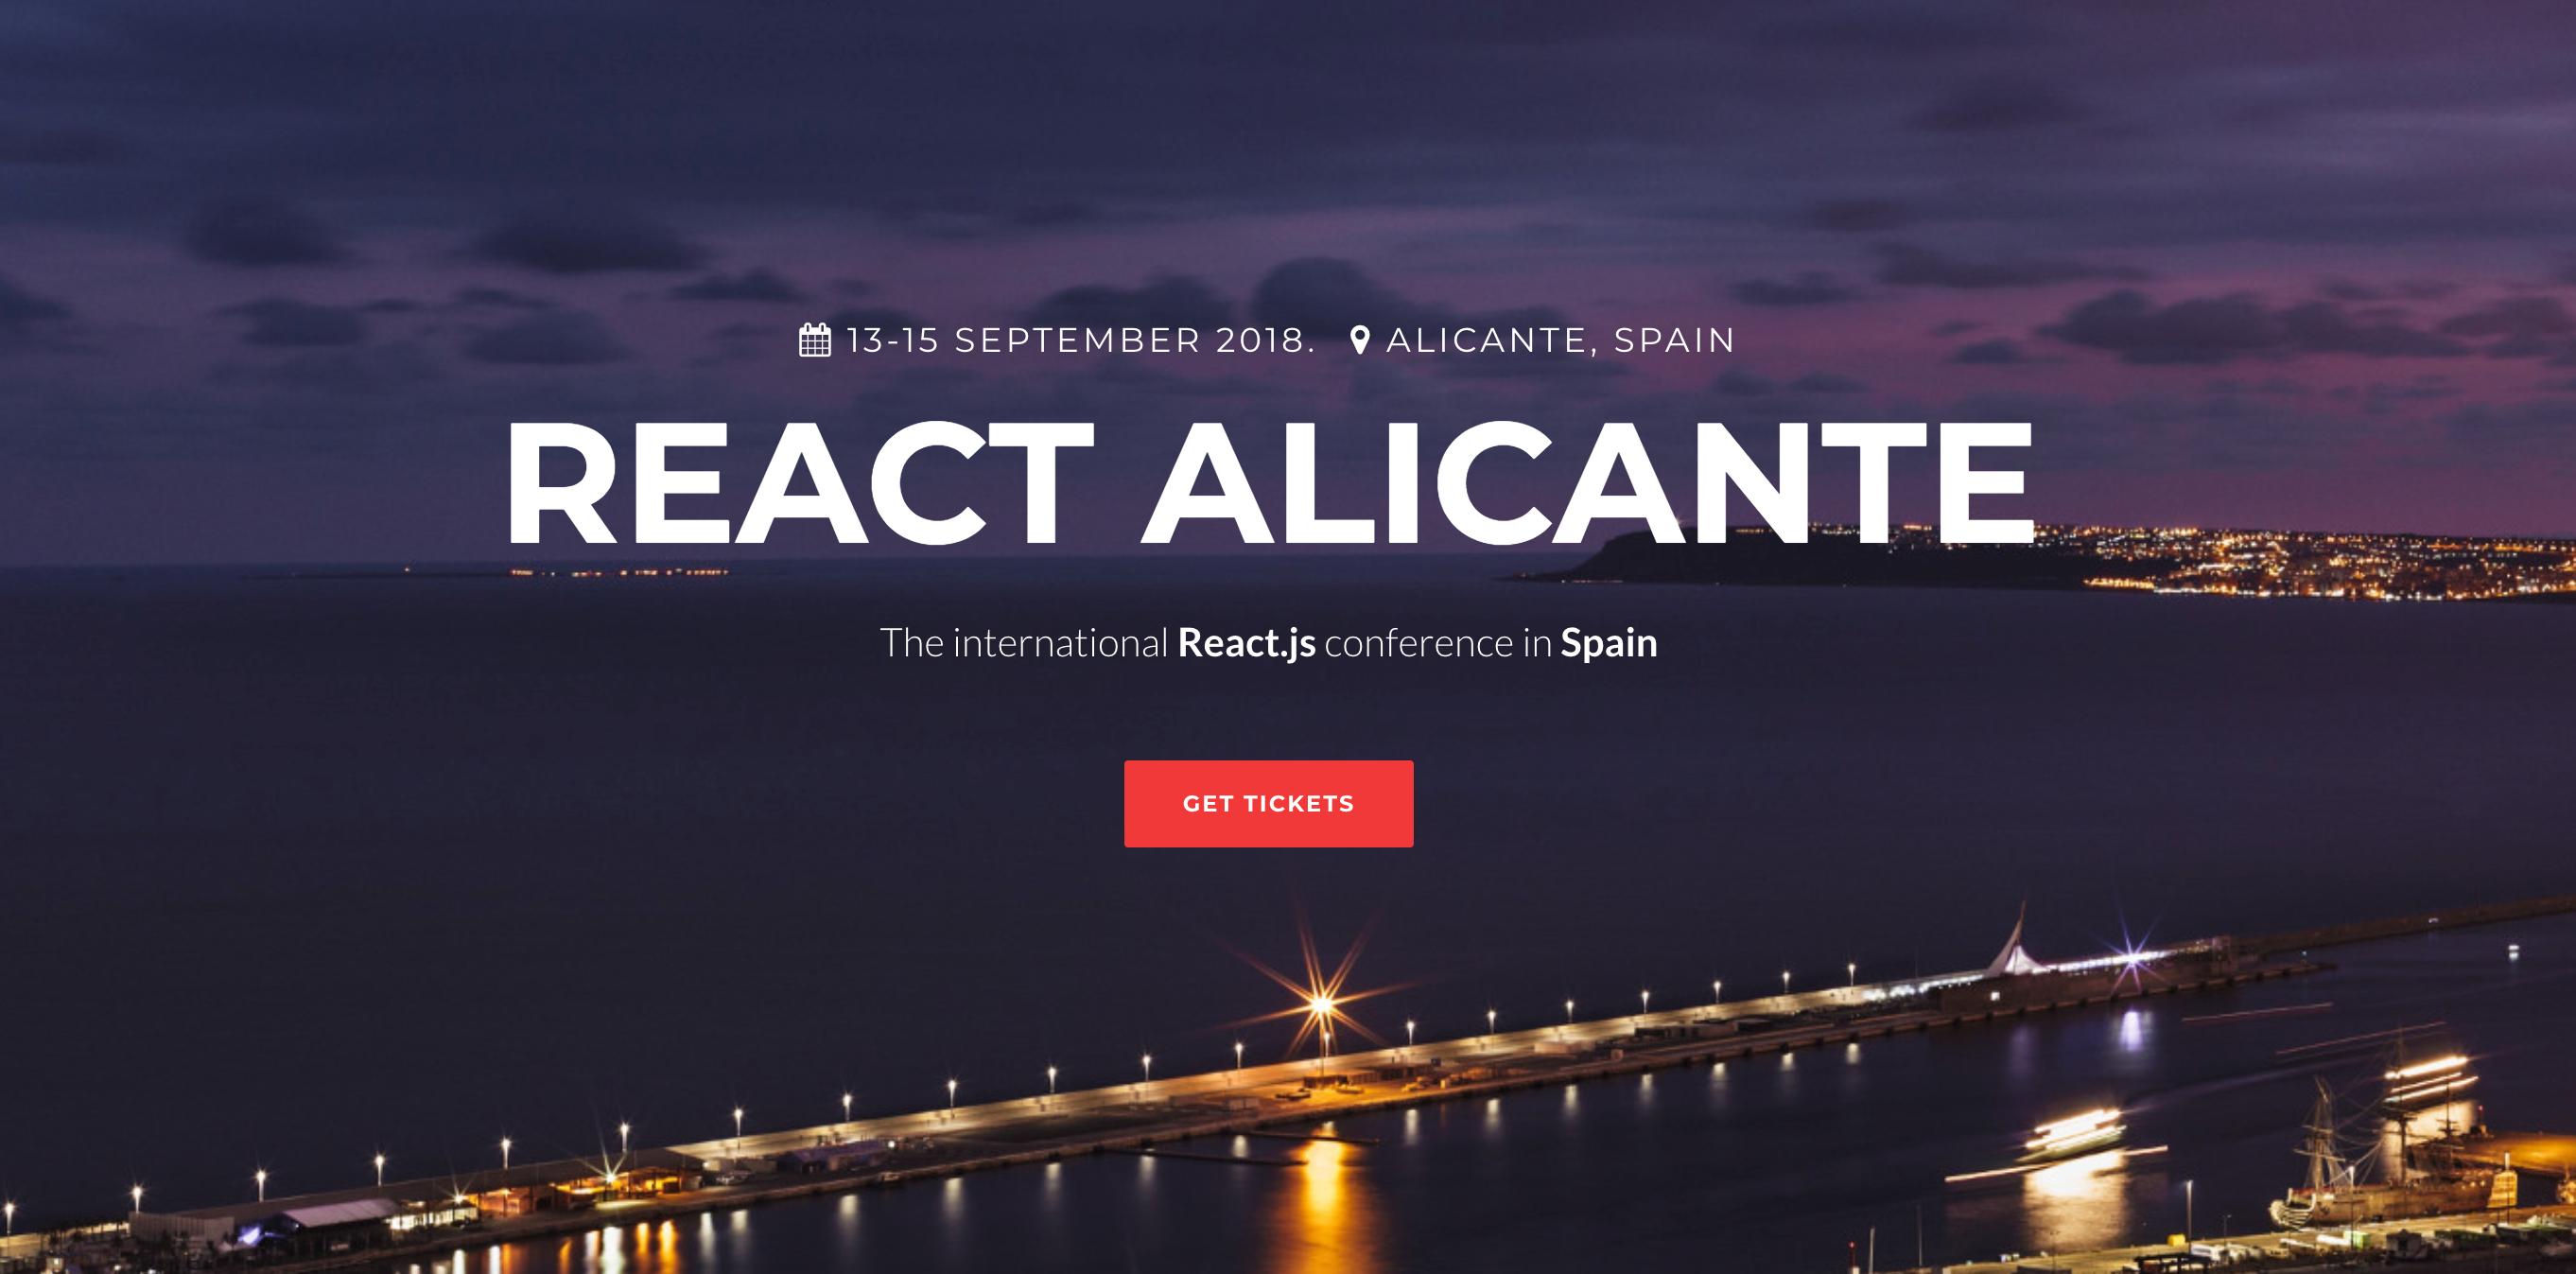 Alicante Night Picture